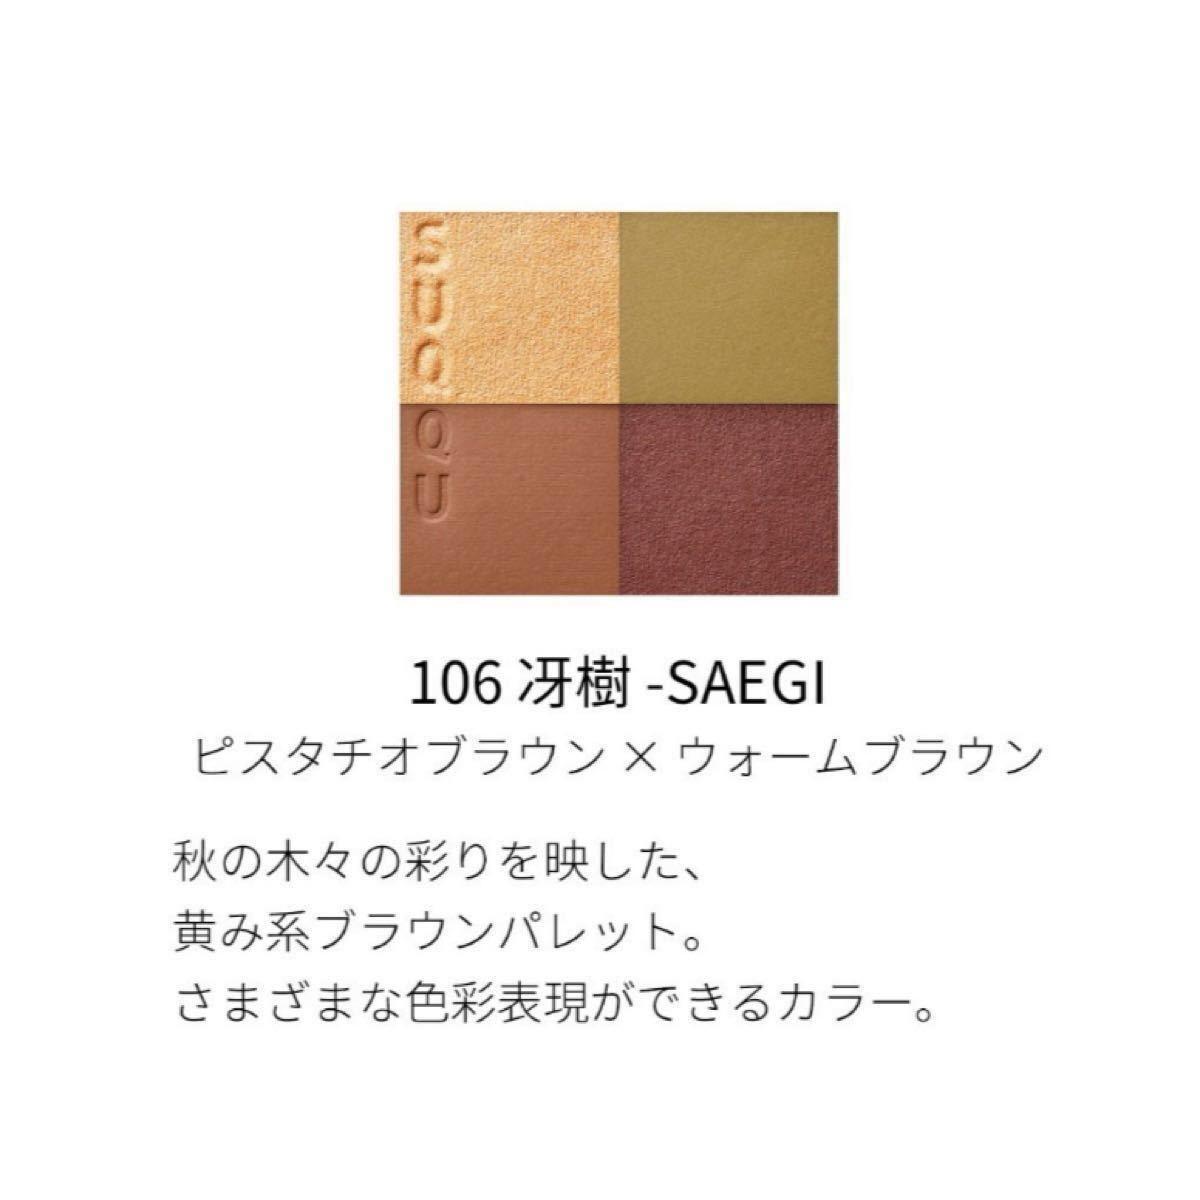 新品 SUQQU スック 秋冬 限定 シグニチャーカラーアイズ 106 冴樹 アイシャドウ